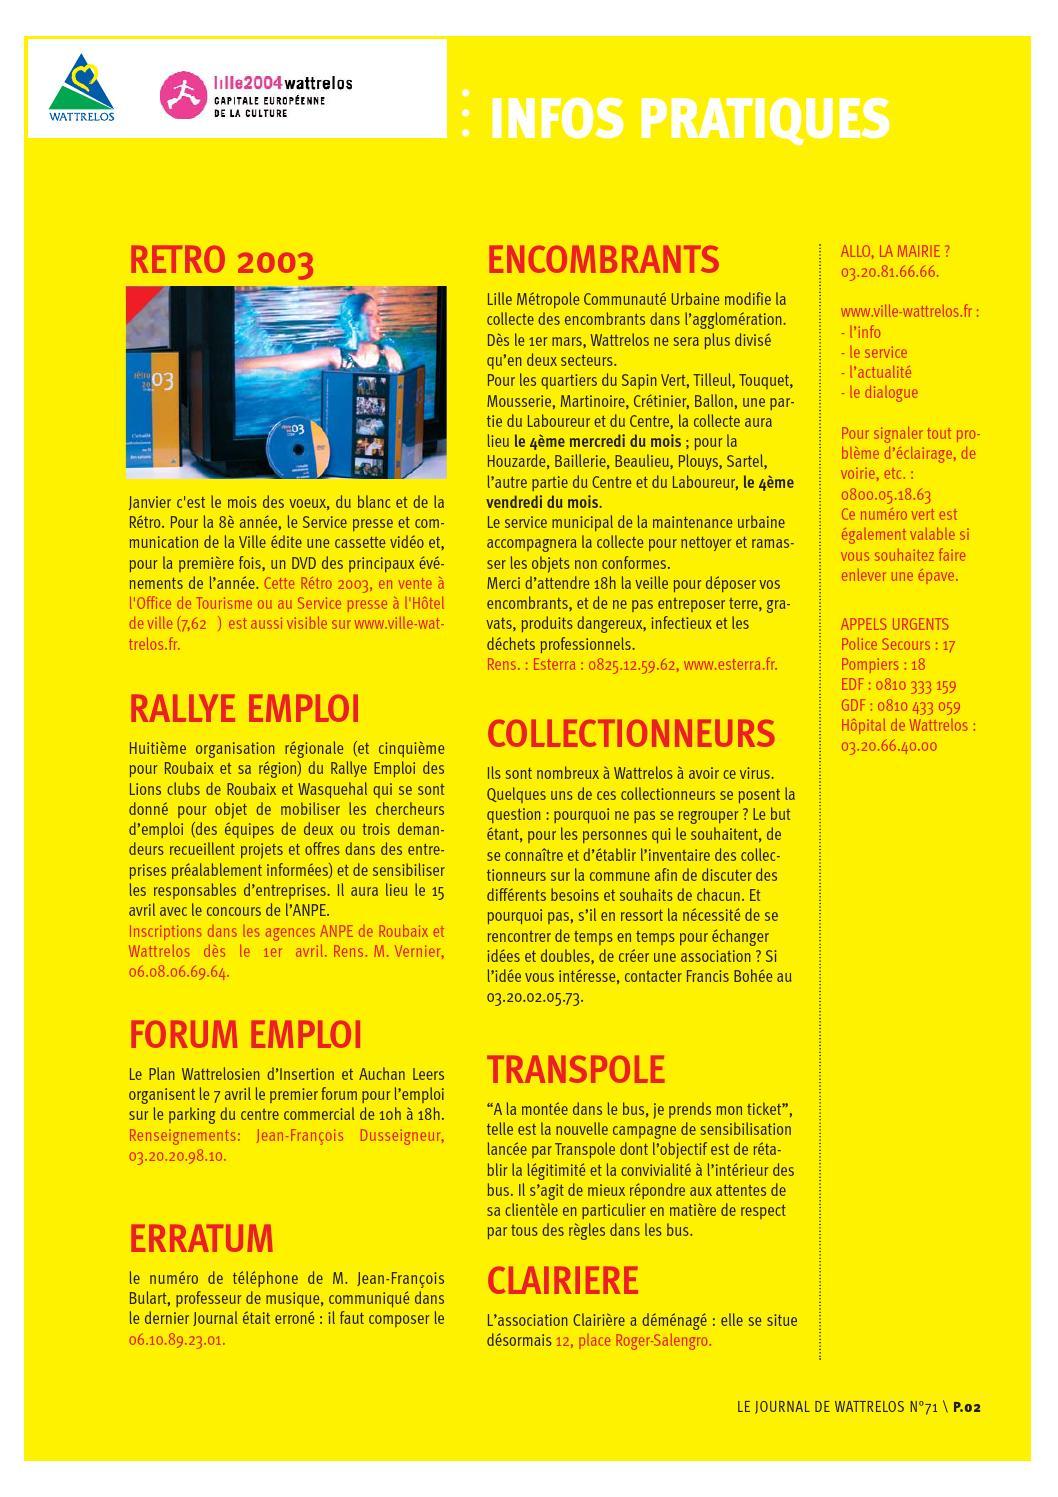 Jdw71 by presse communication - issuu 2856f52debf2